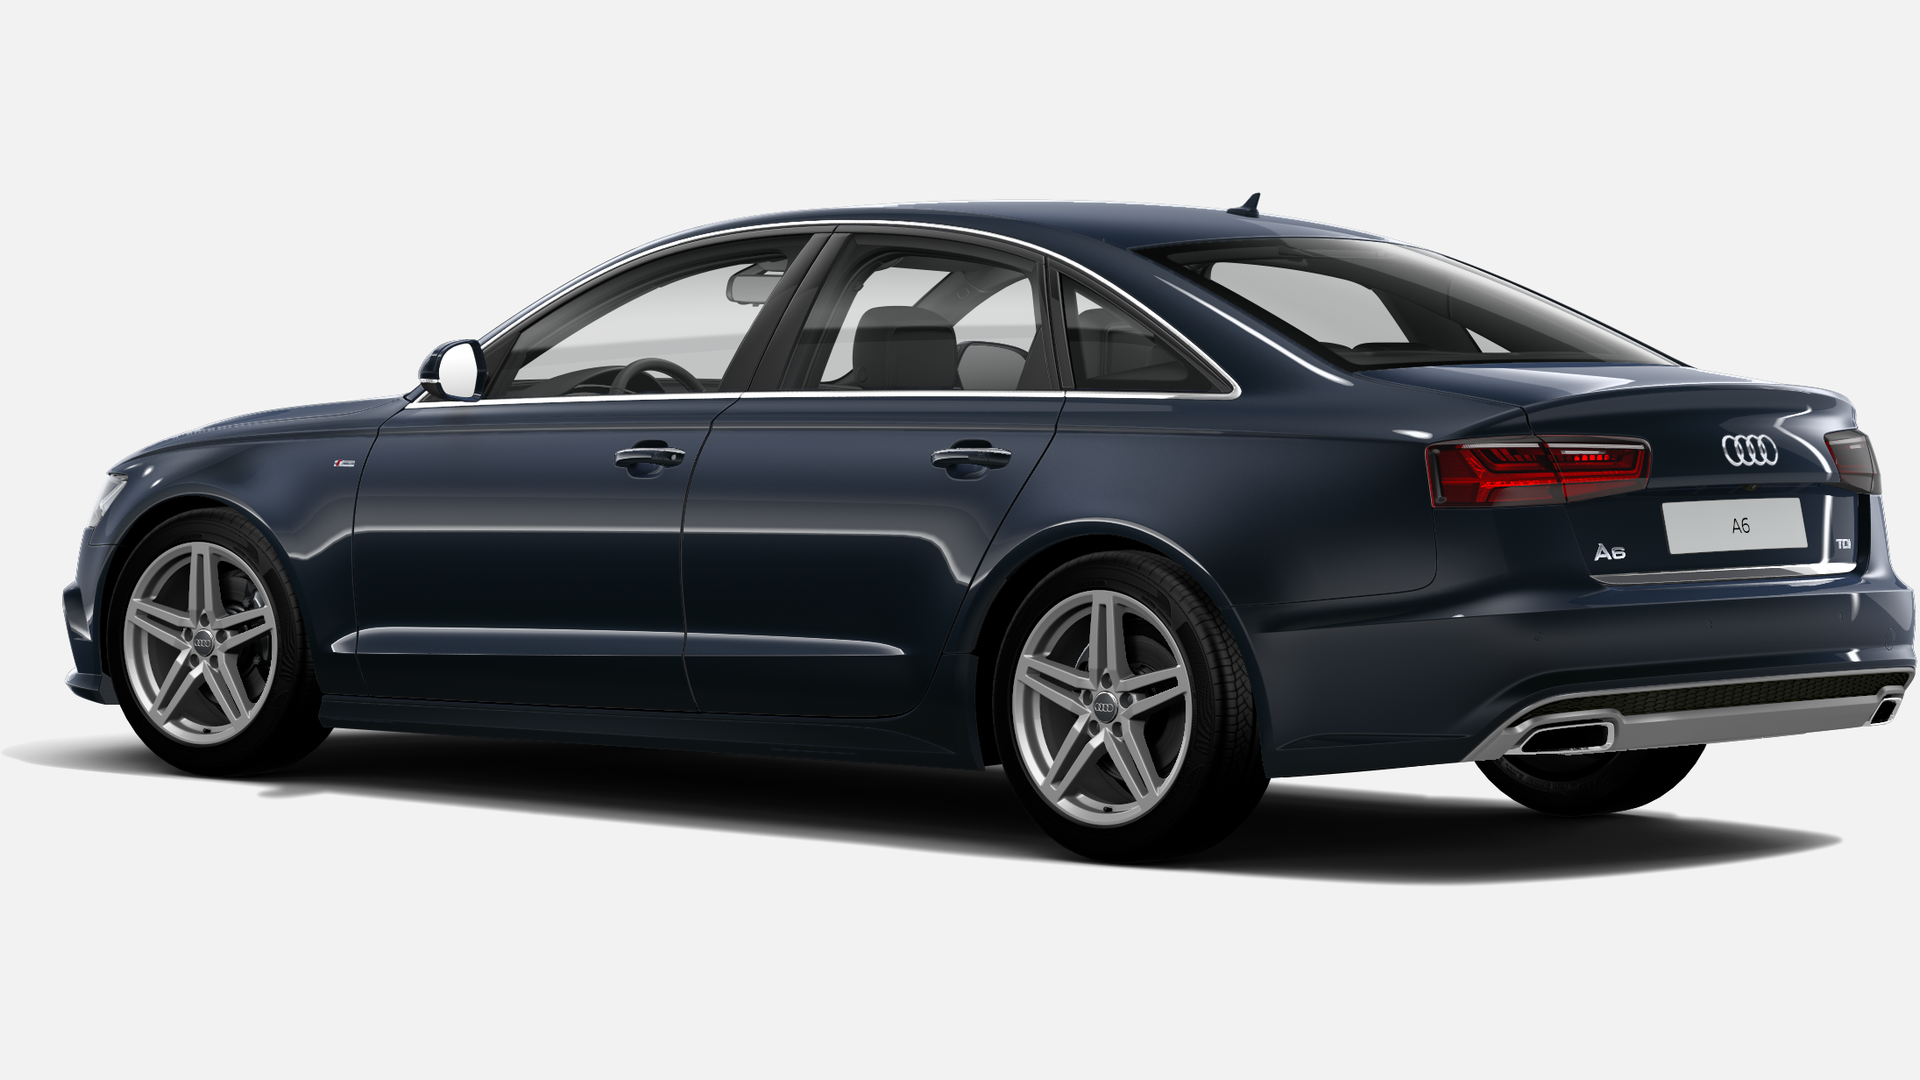 Vista Tres cuartos trasera izquierda de Audi A6 2.0 TDI S line edition S tronic 140 kW (190 CV)